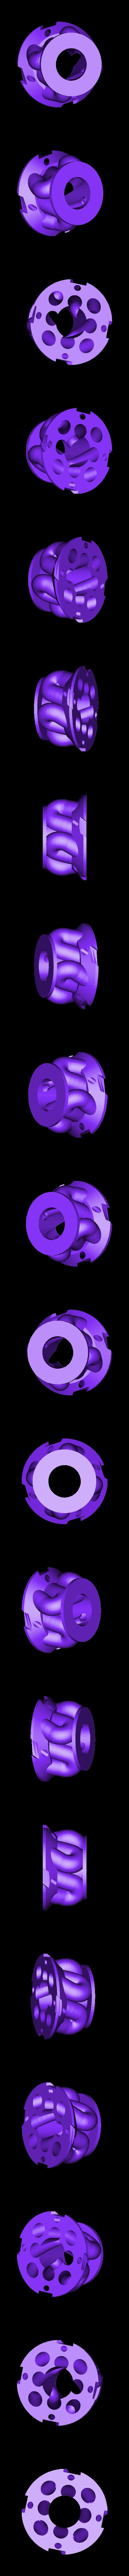 Helix2v1.stl Télécharger fichier STL gratuit quelques roulements à billes linéaires • Design pour impression 3D, SiberK